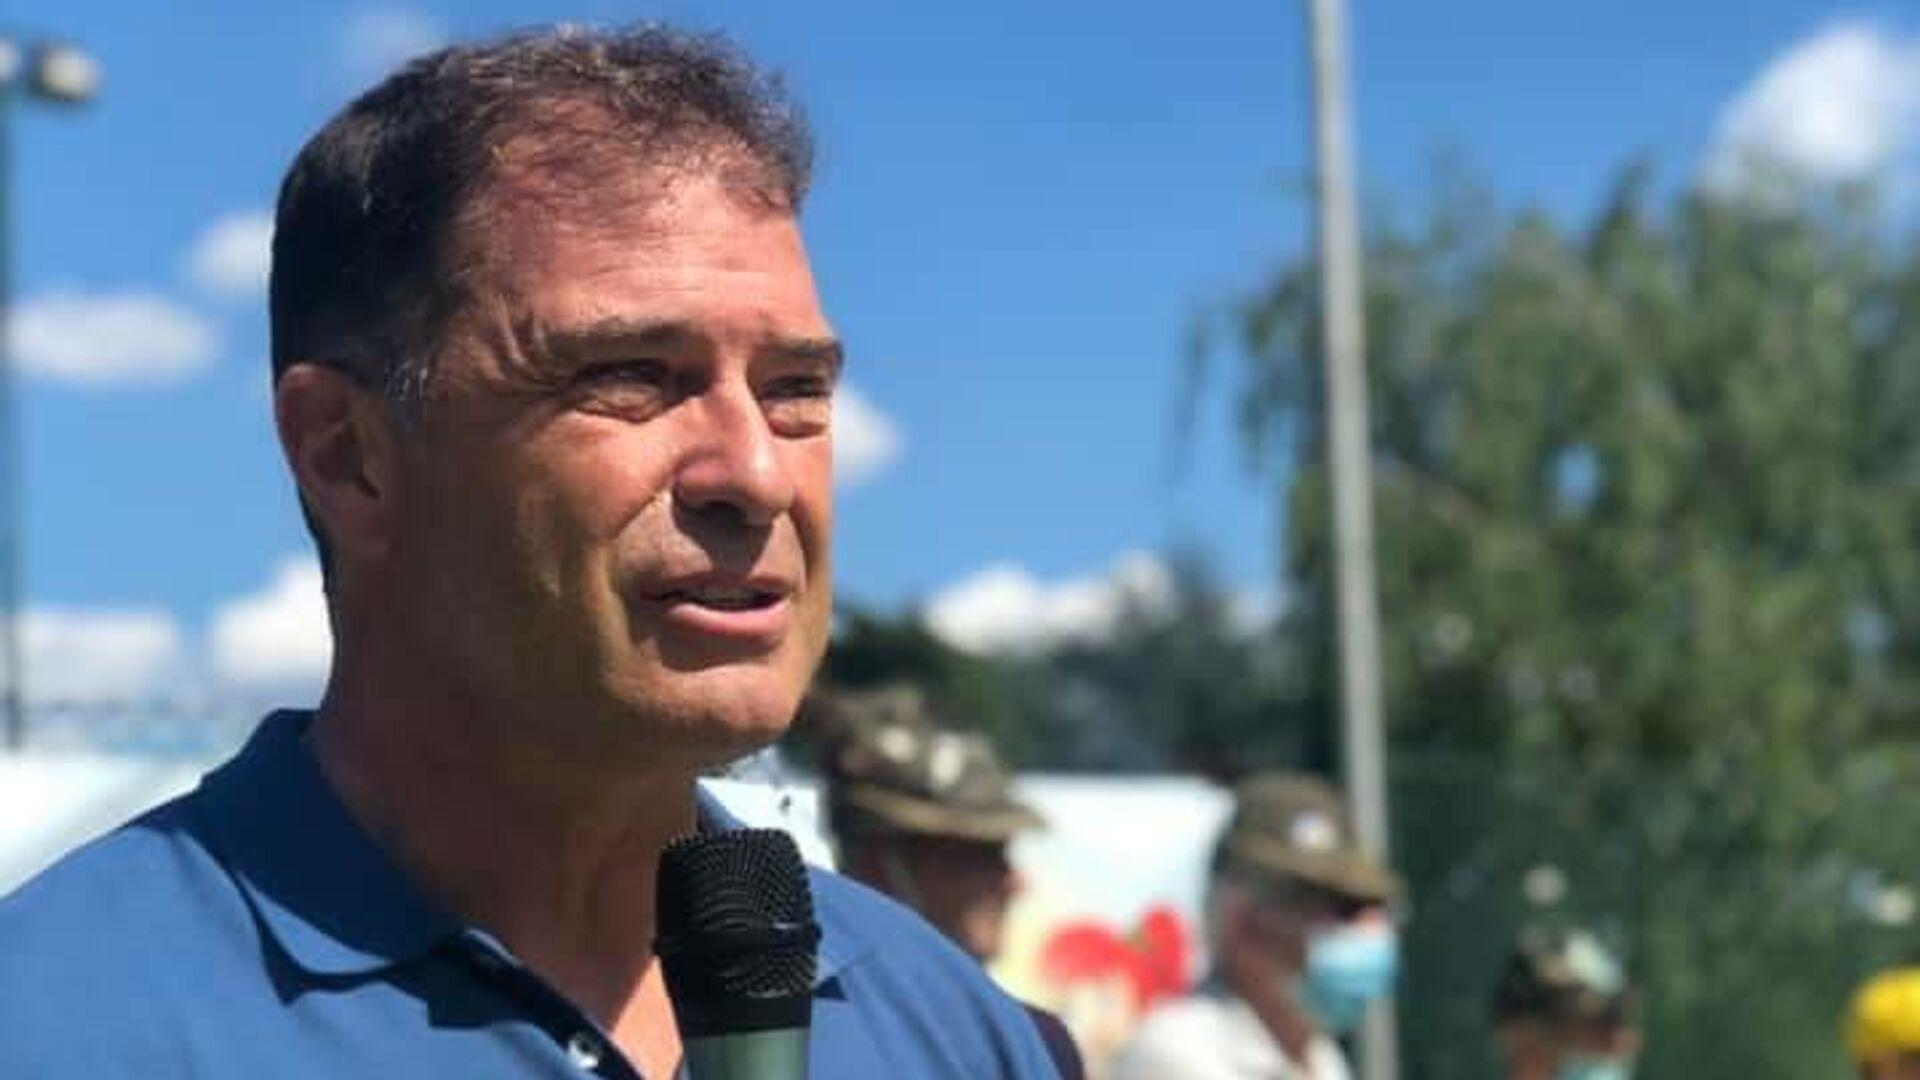 Antonio Rossi, ex canoista e politico italiano, campione olimpico e mondiale nel kayak velocità - Sputnik Italia, 1920, 20.07.2021